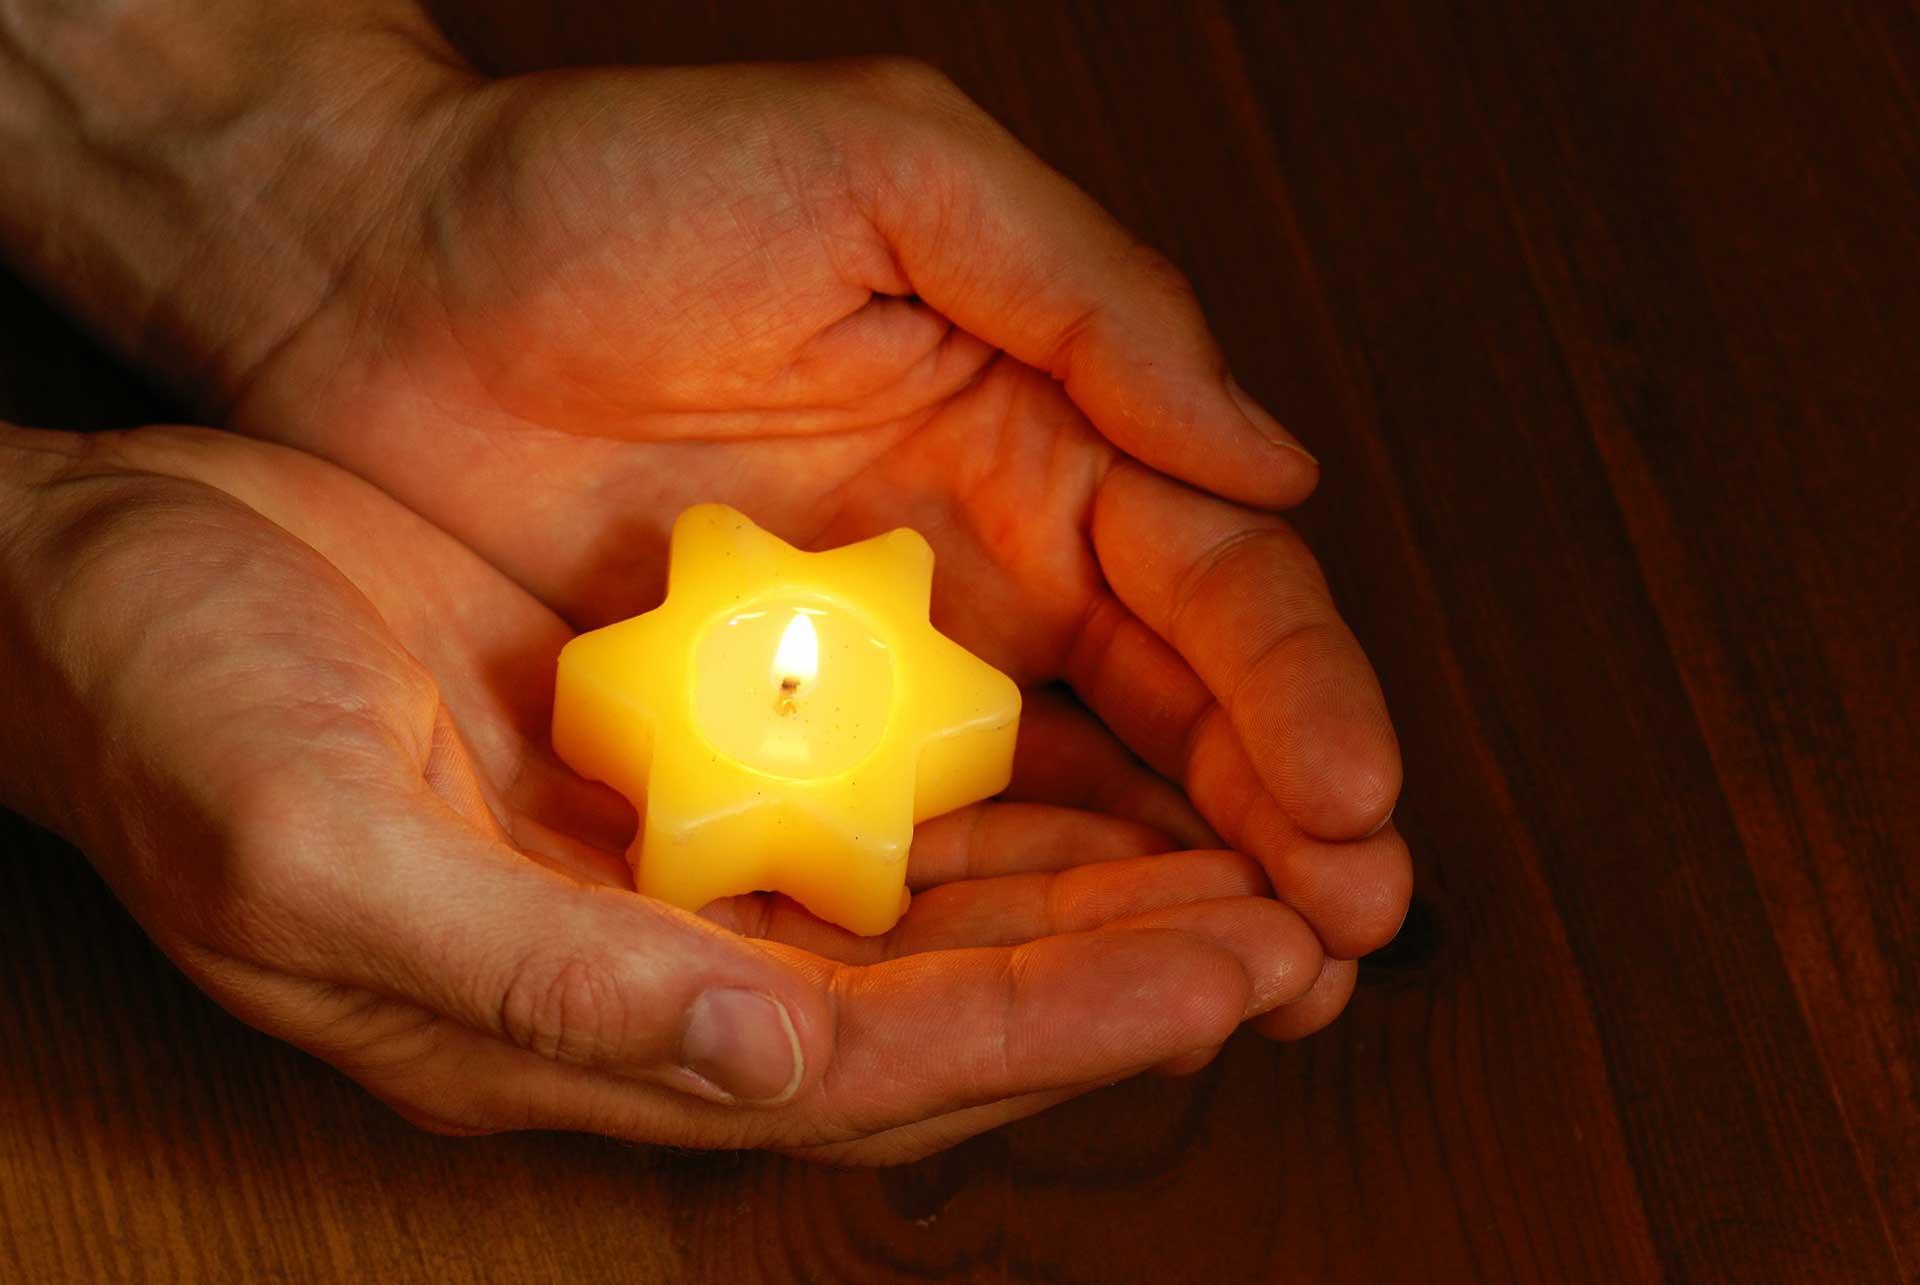 Worldwide Candlelighting